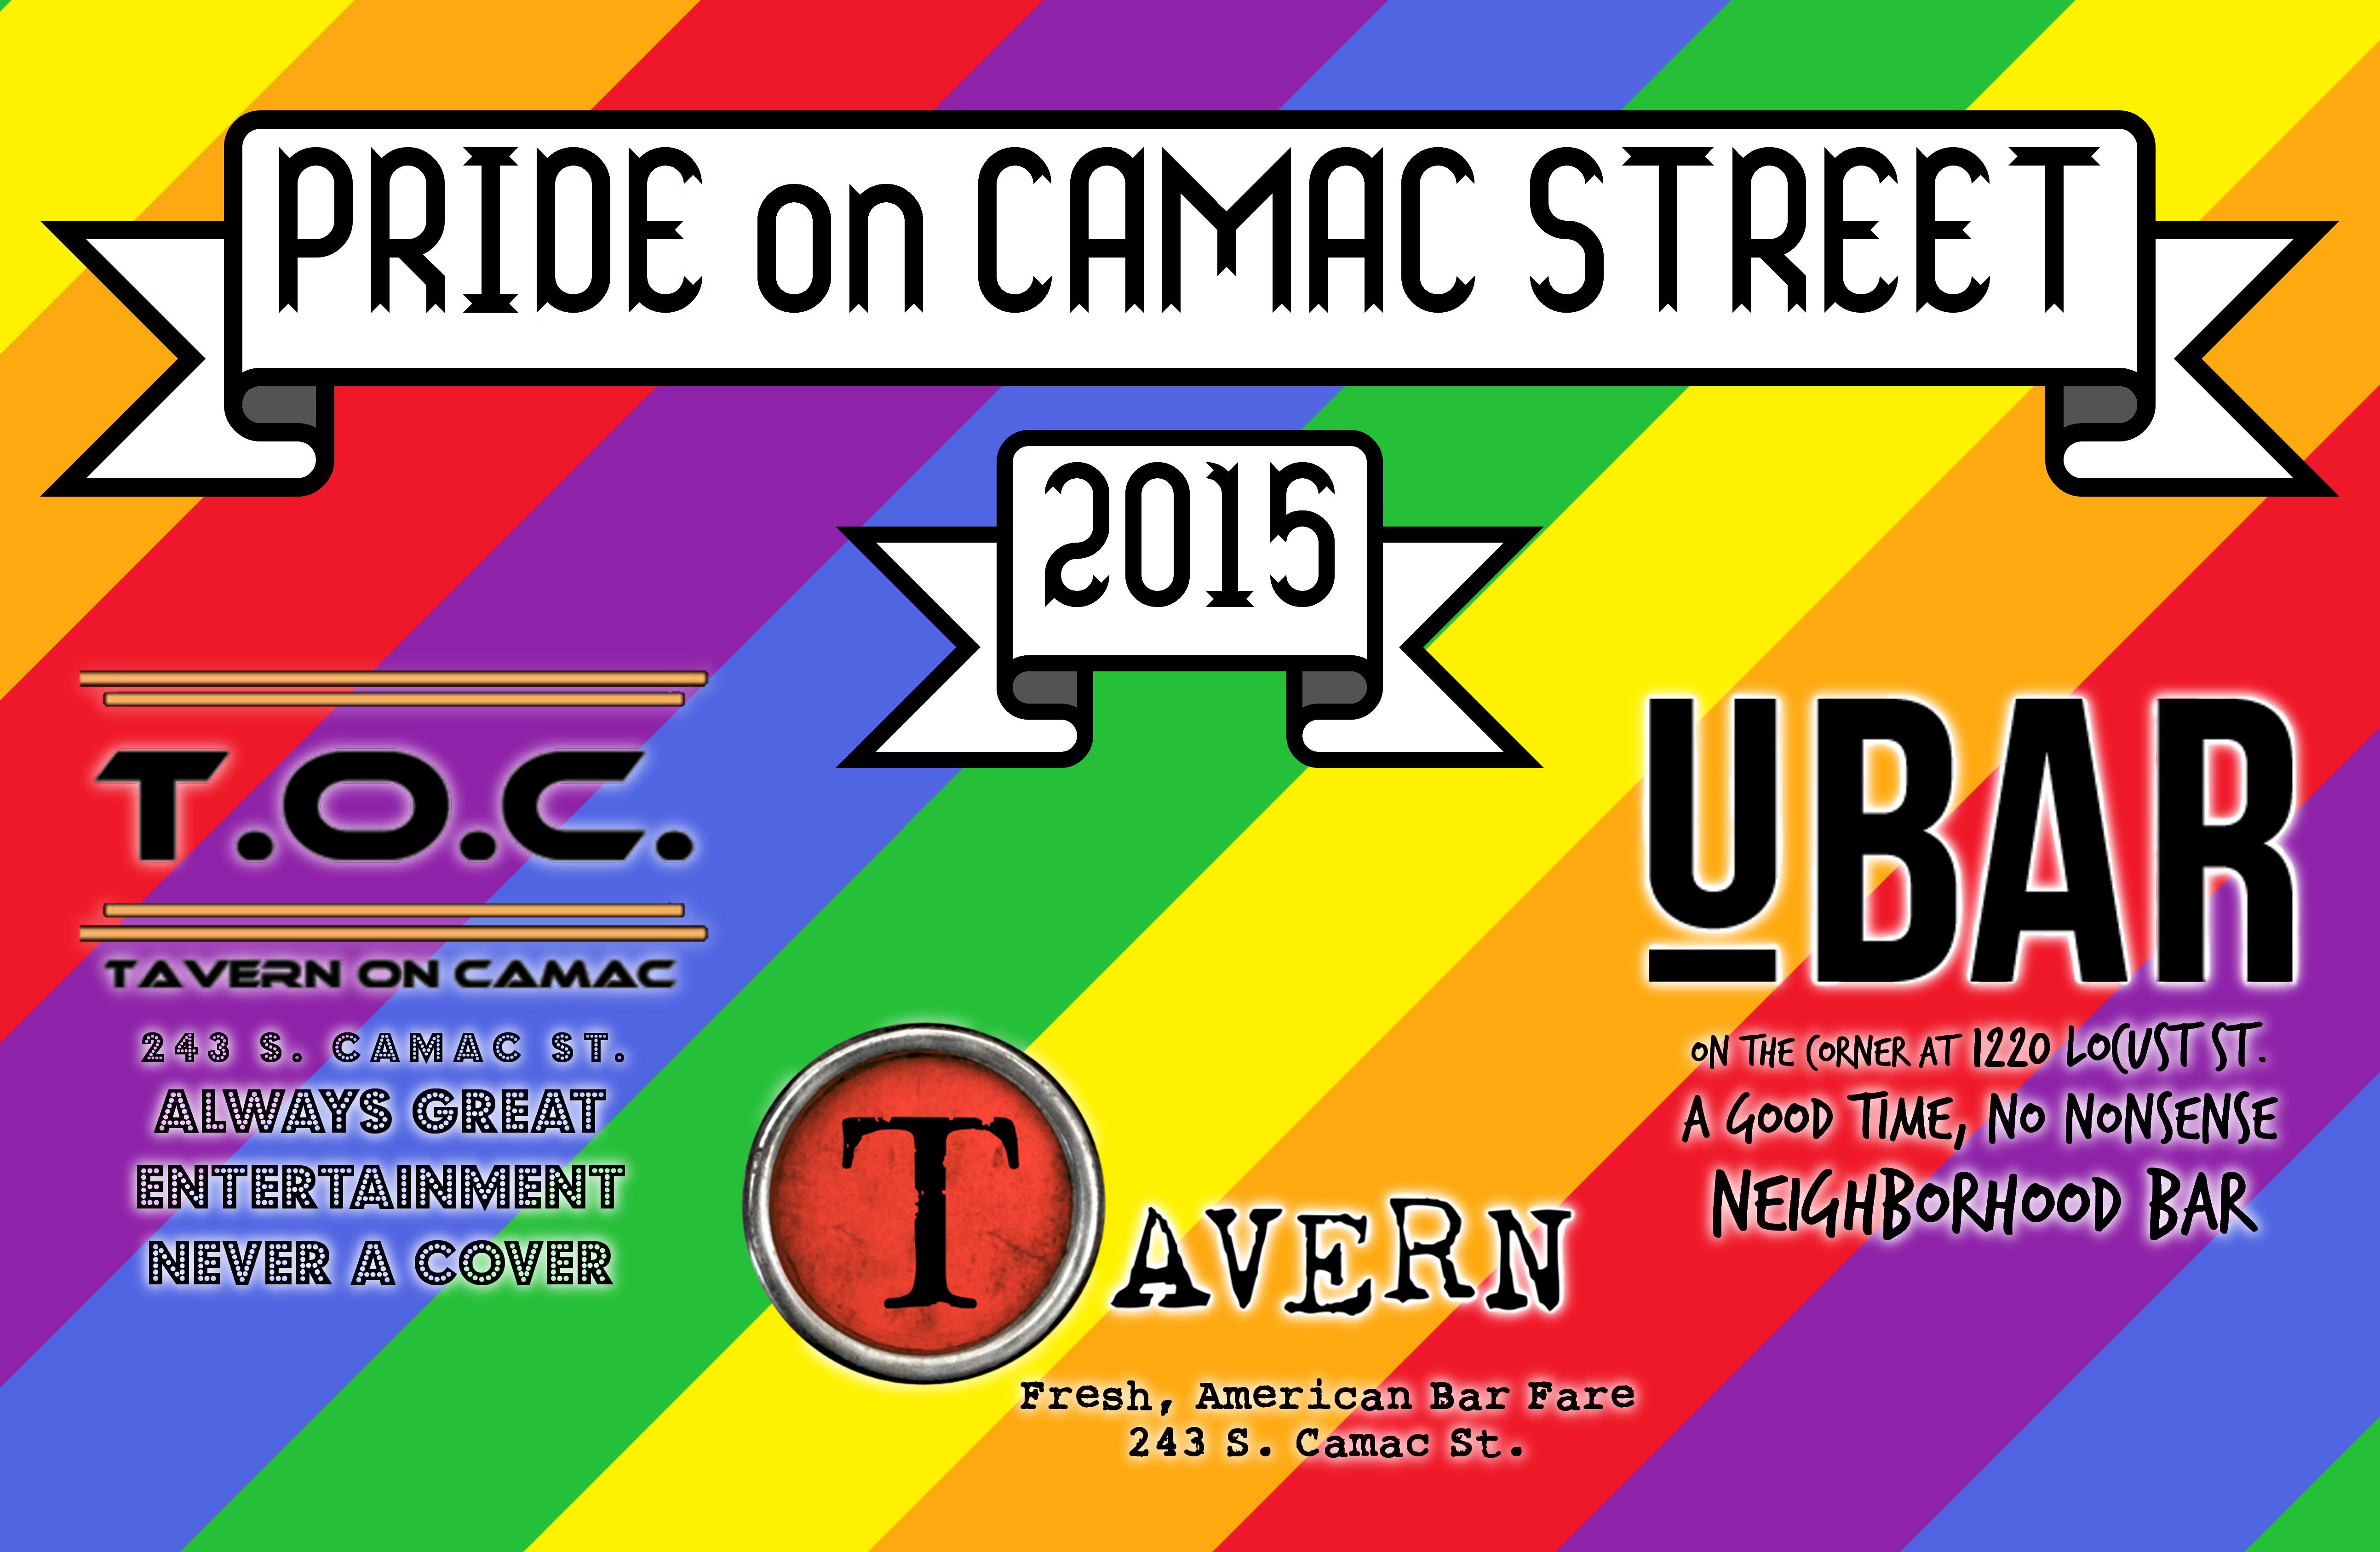 Philadelphia PRIDE on Camac Street